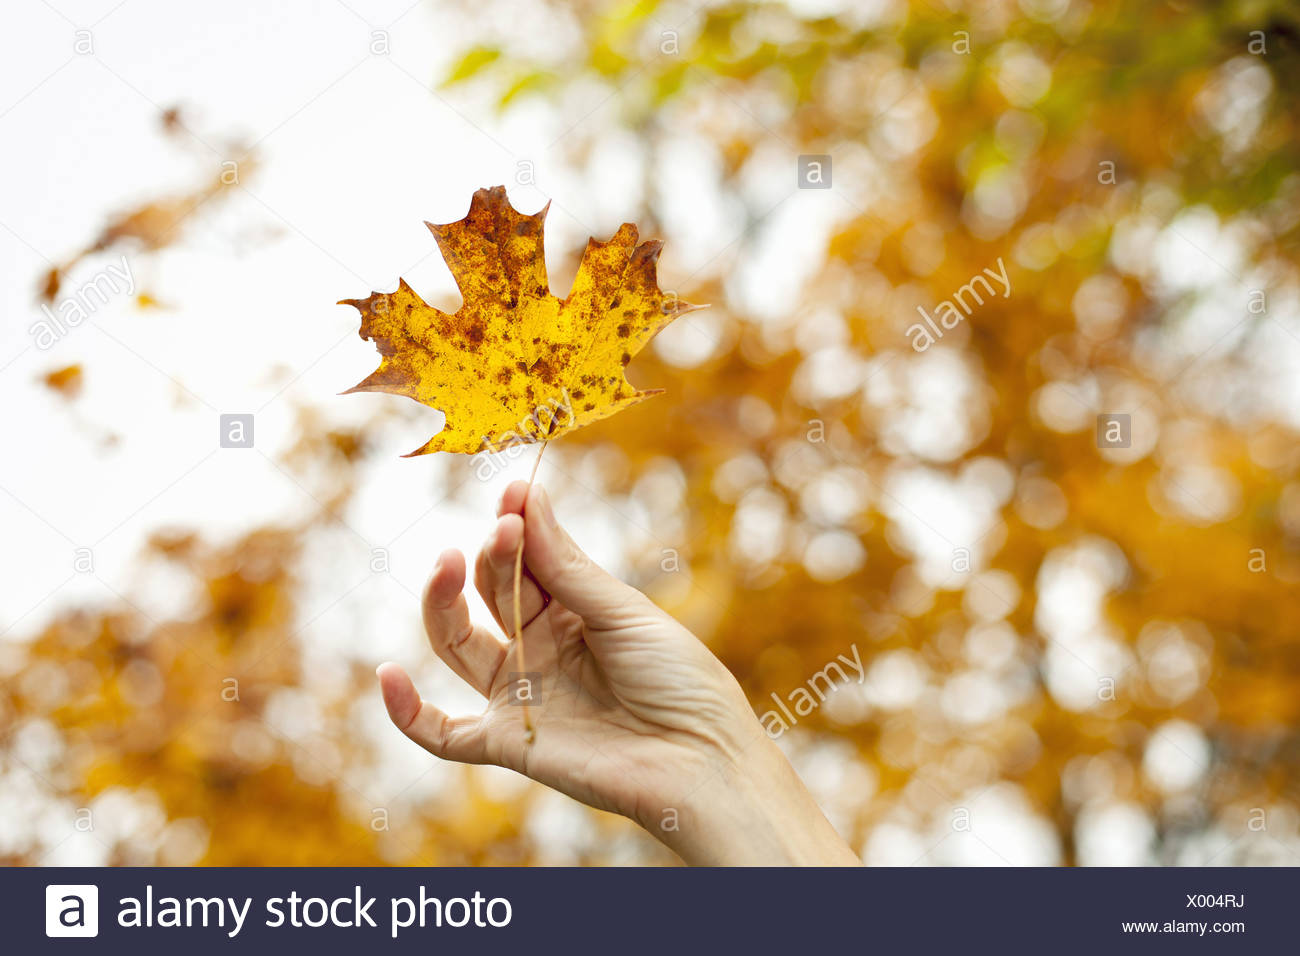 Eine Person, die Hand hält einen Herbst farbige Ahornblatt Stockbild